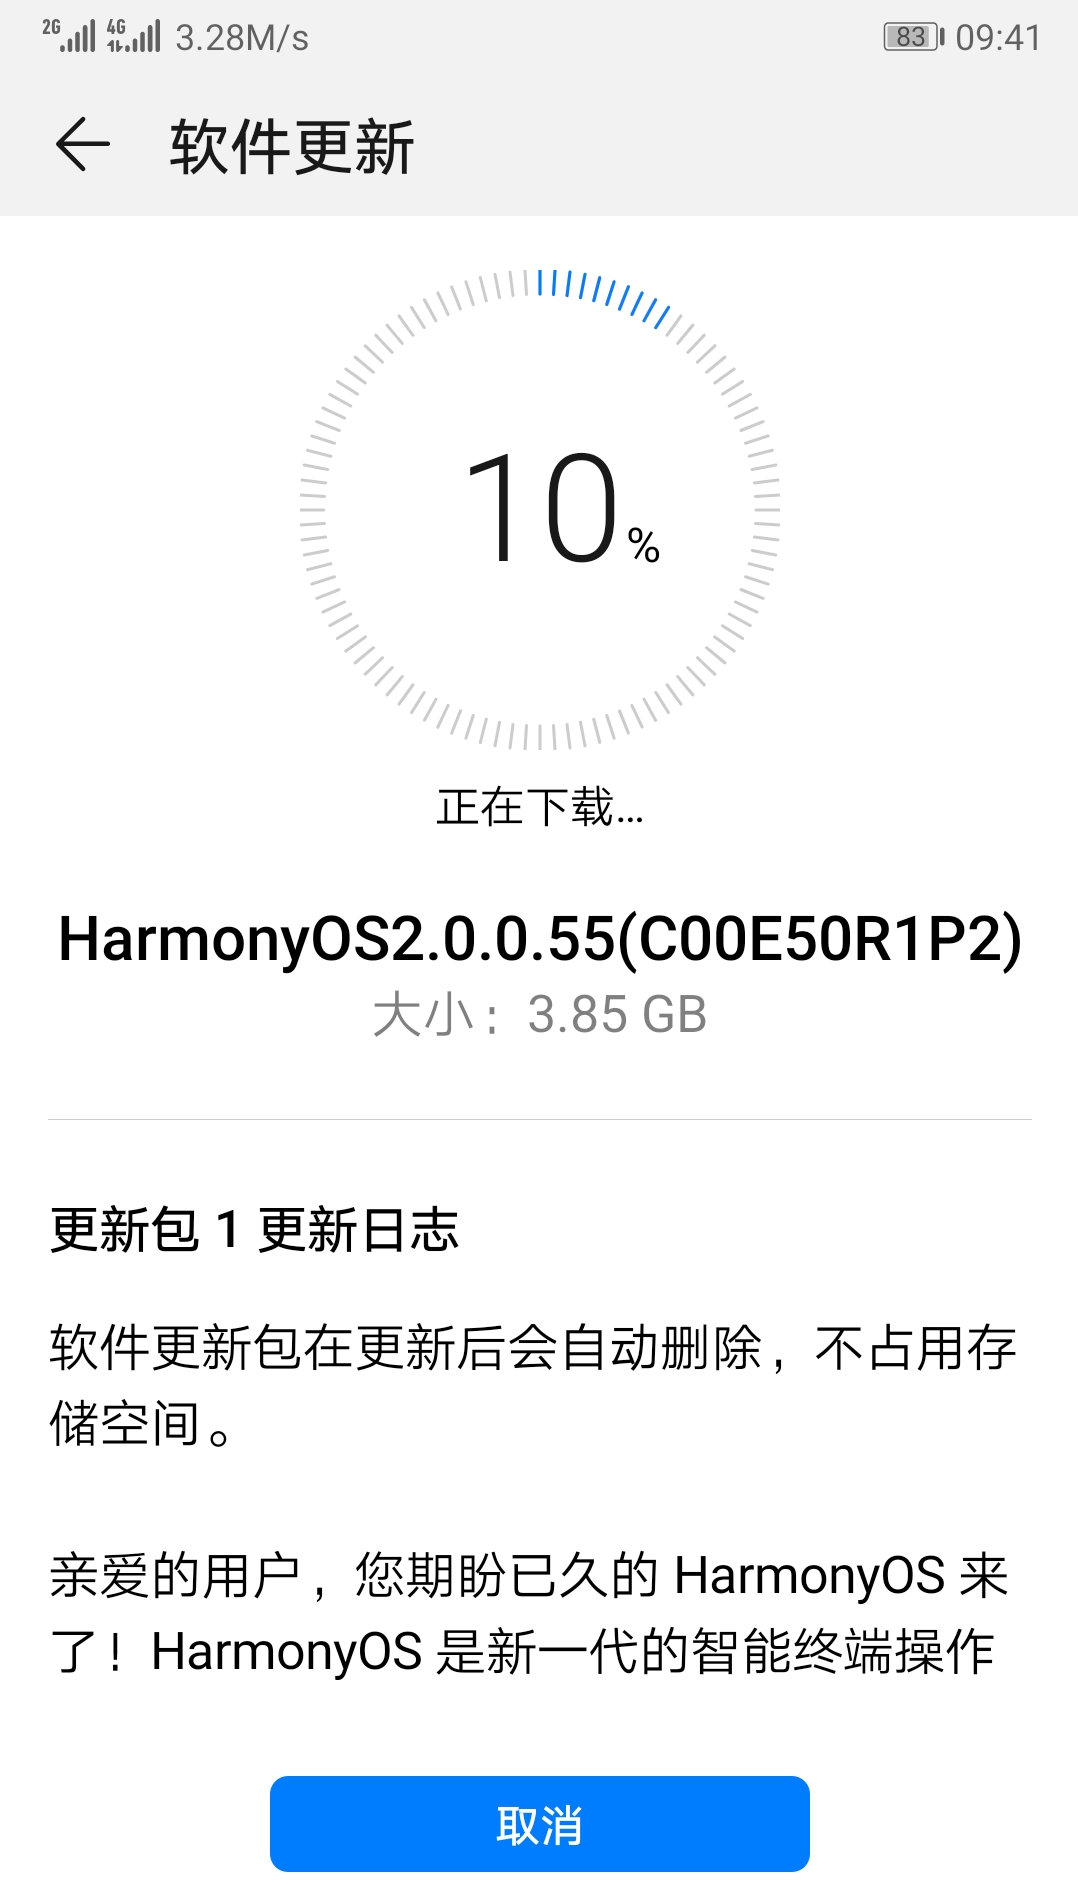 Screenshot_20211015_094101_com.huawei.android.hwouc.png